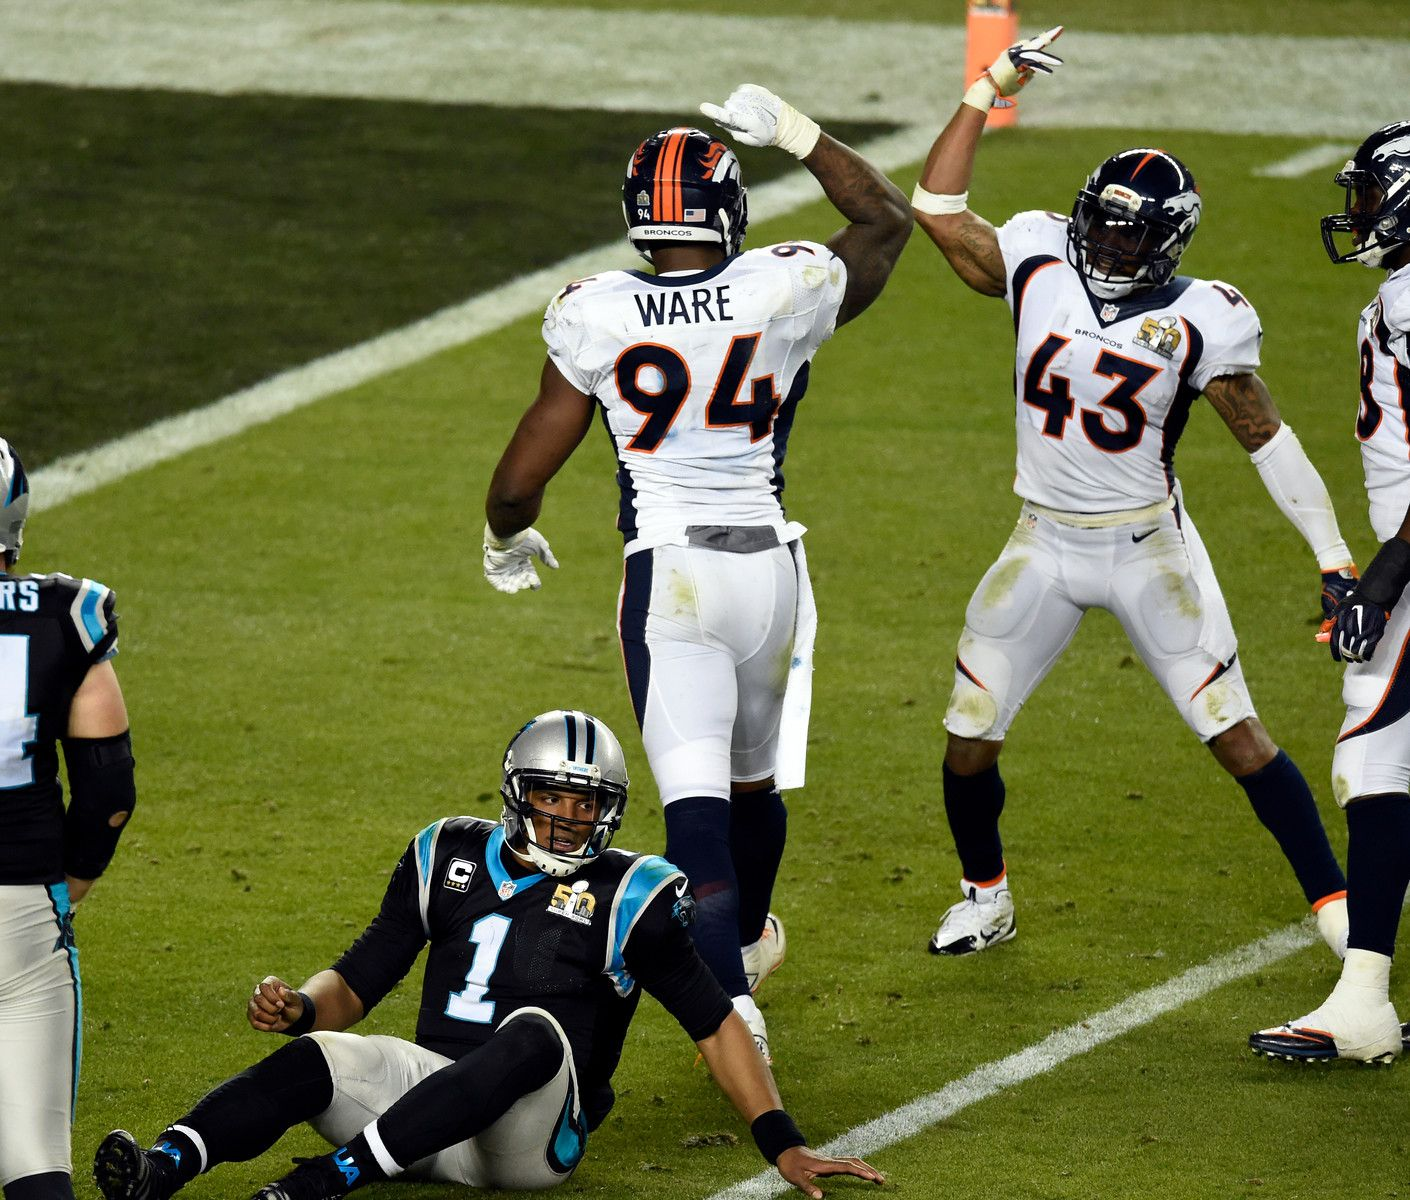 Denver Broncos Vs. Carolina Panthers, NFL Super Bowl 50